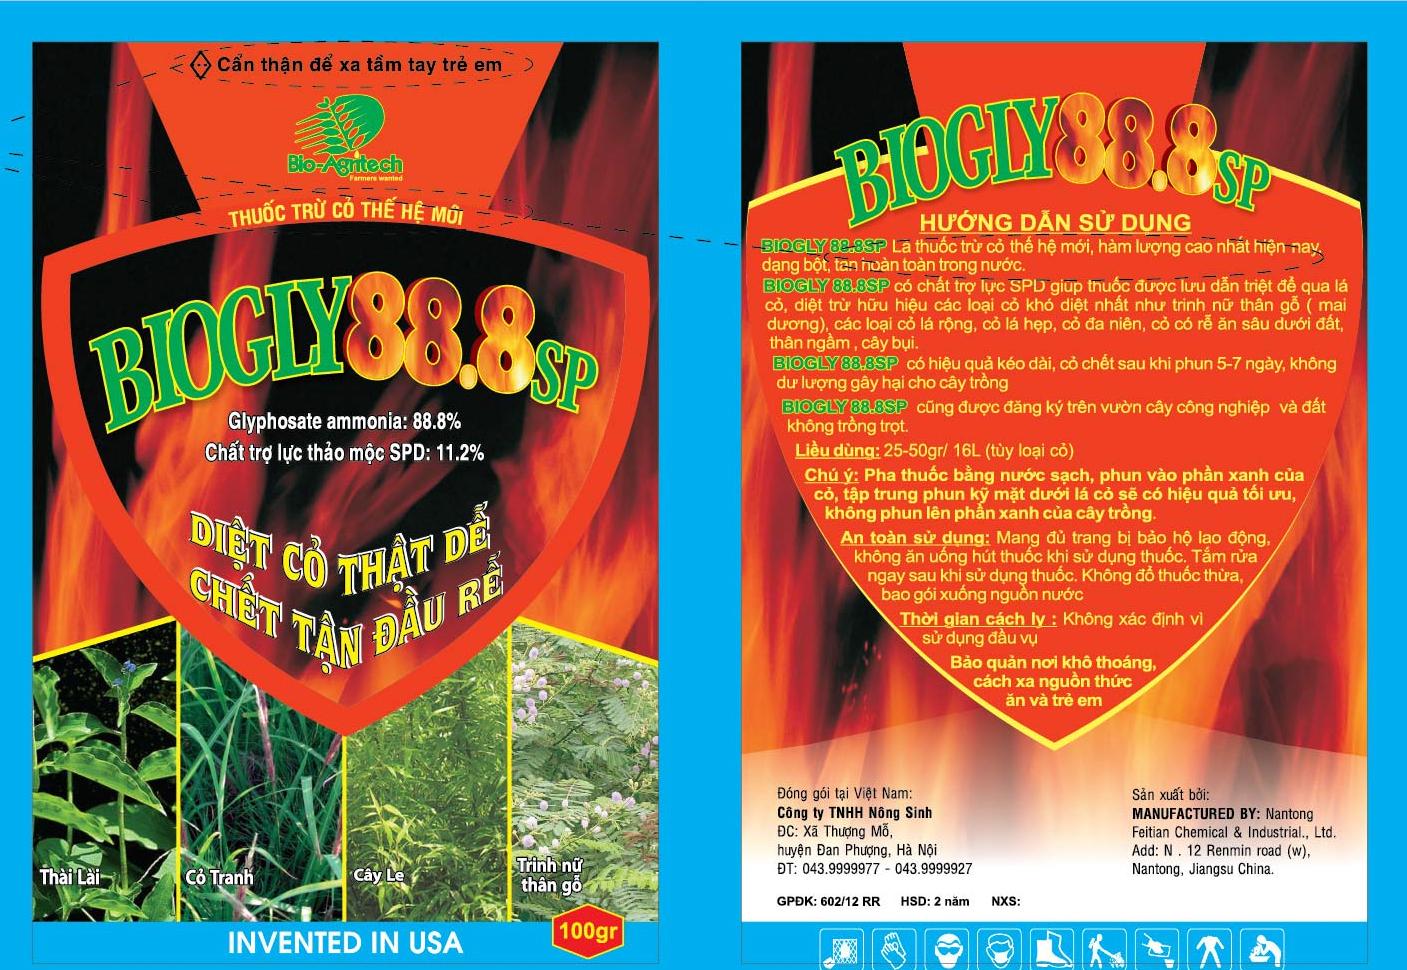 Diệt cỏ thế hệ mới thuốc BIOGLY 88.8 SP